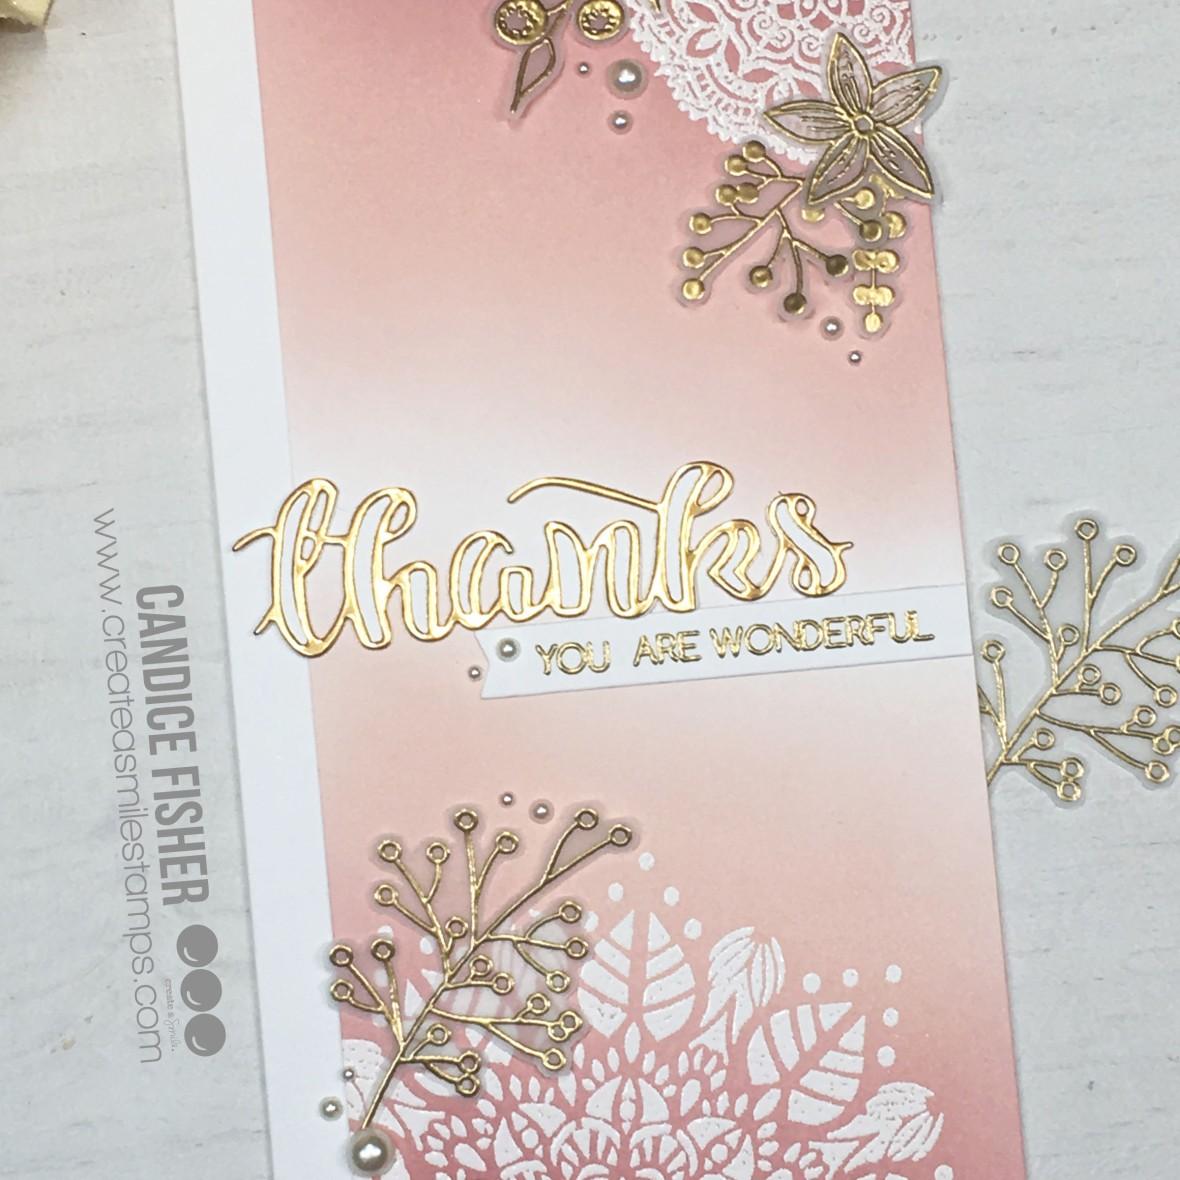 1003-thanks mandalas close up